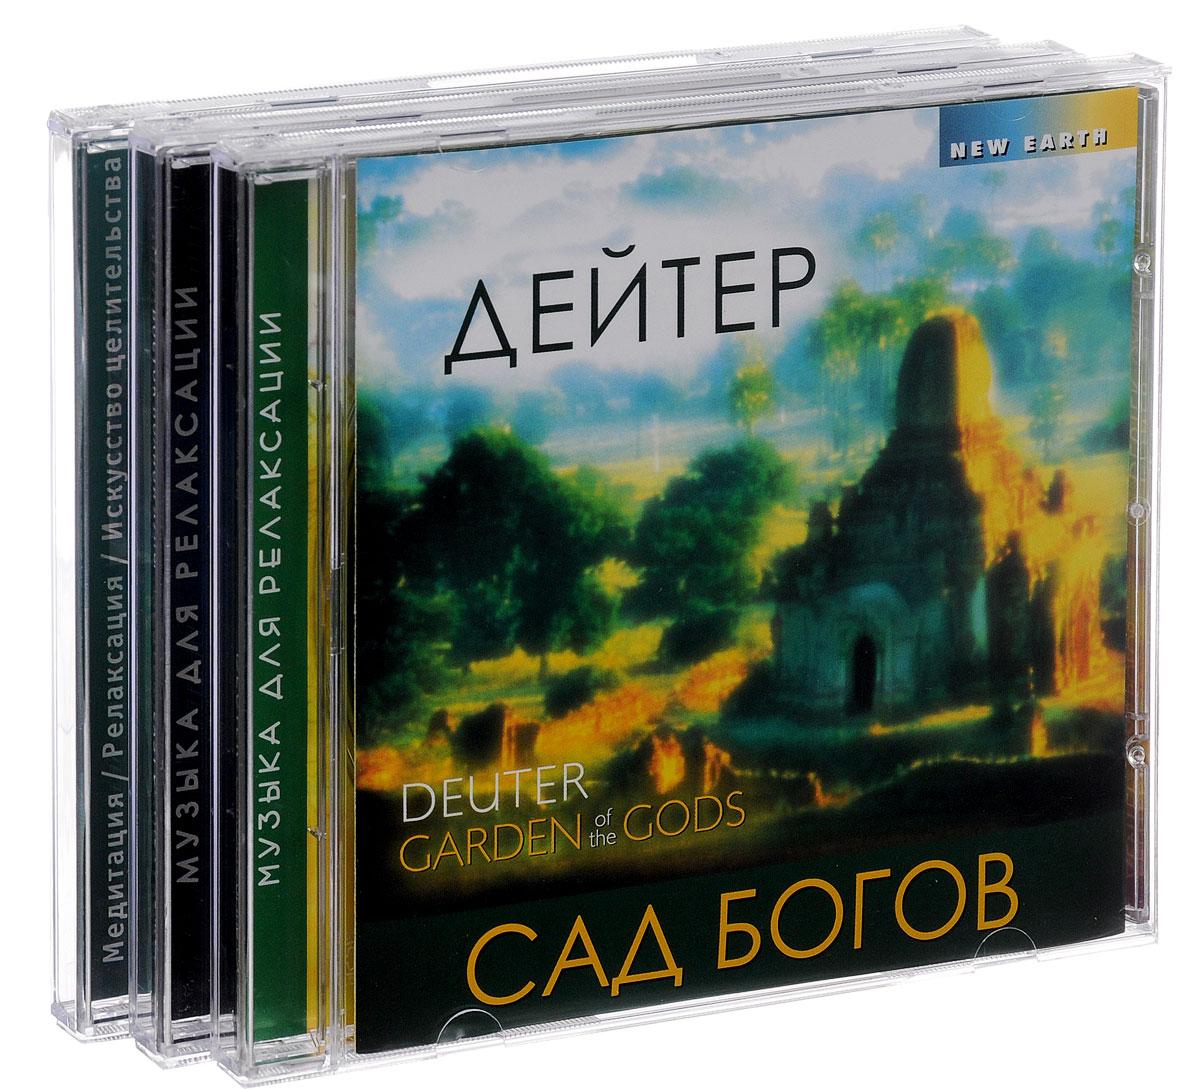 Диски содержат раскладки с дополнительной информацией на русском языке.